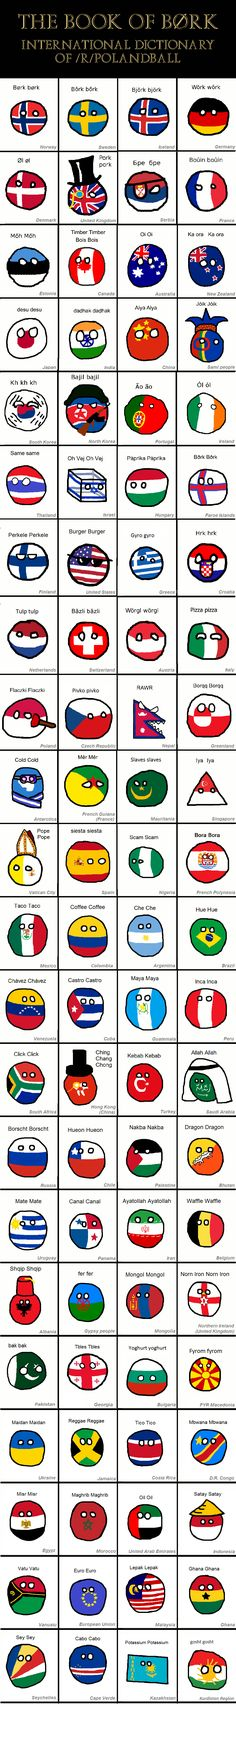 Book of Börk - Polandball Countries